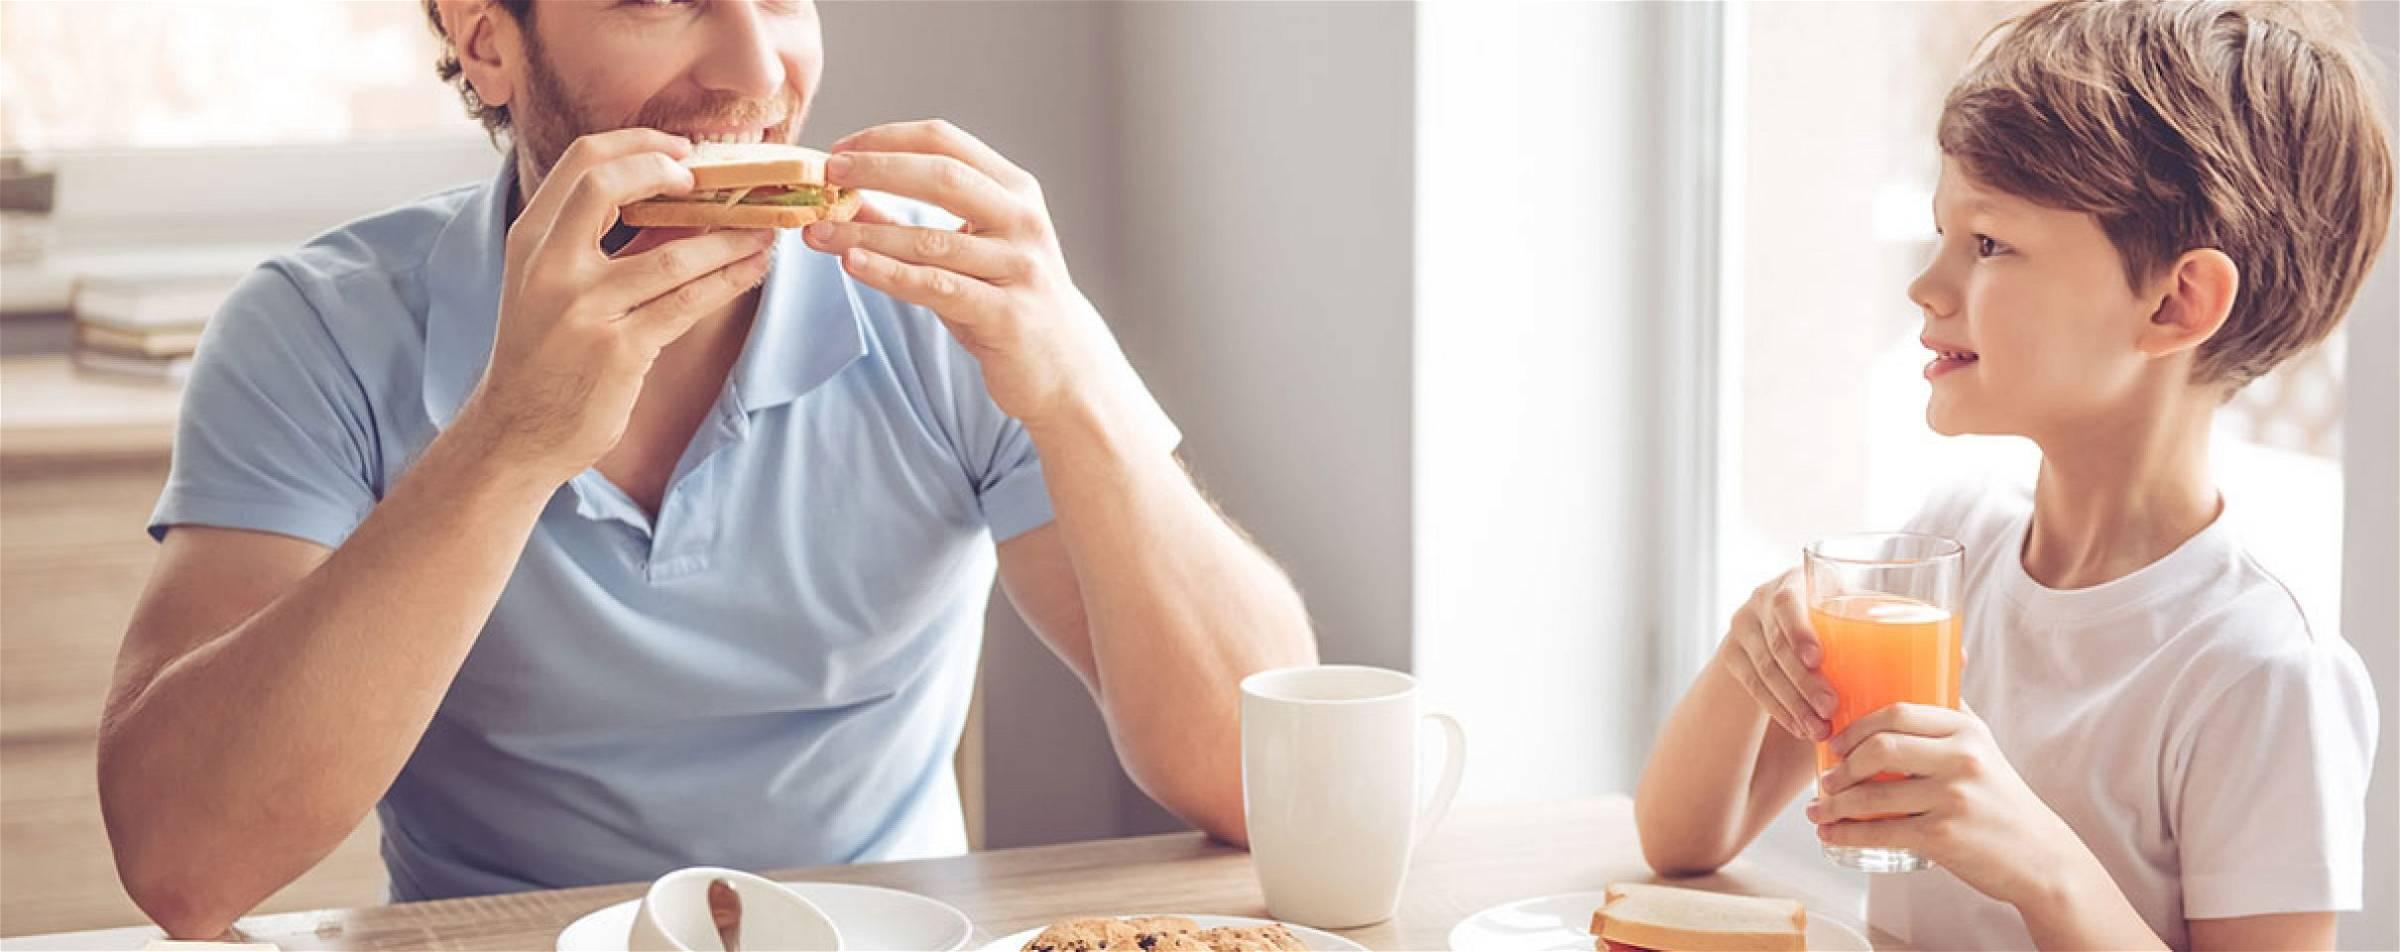 brood eten in een koolhydraatarm Dieet